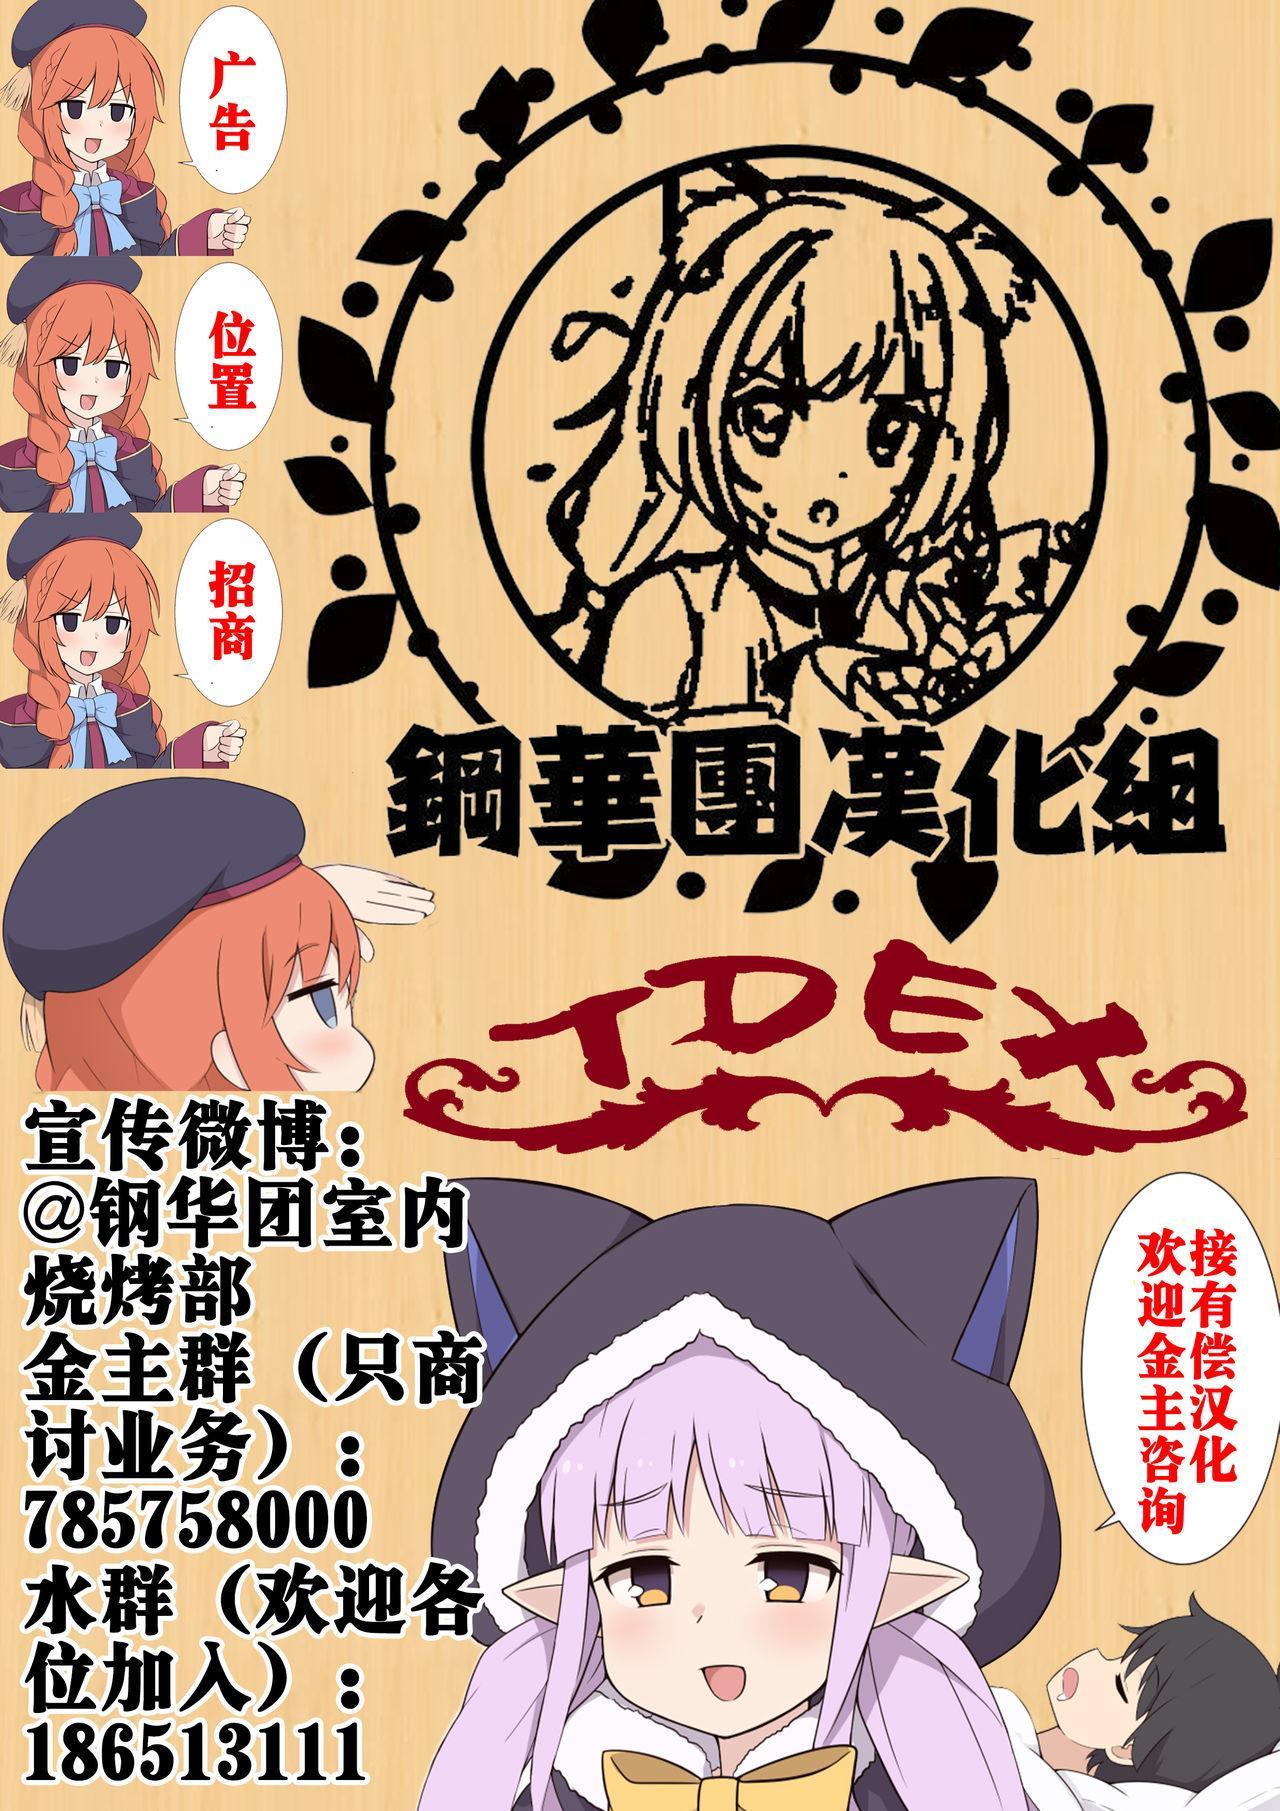 Pecorine to Cosplay Ecchi Suru dake no Ohanashi | 只是和佩可进行角色扮演性爱的故事 6